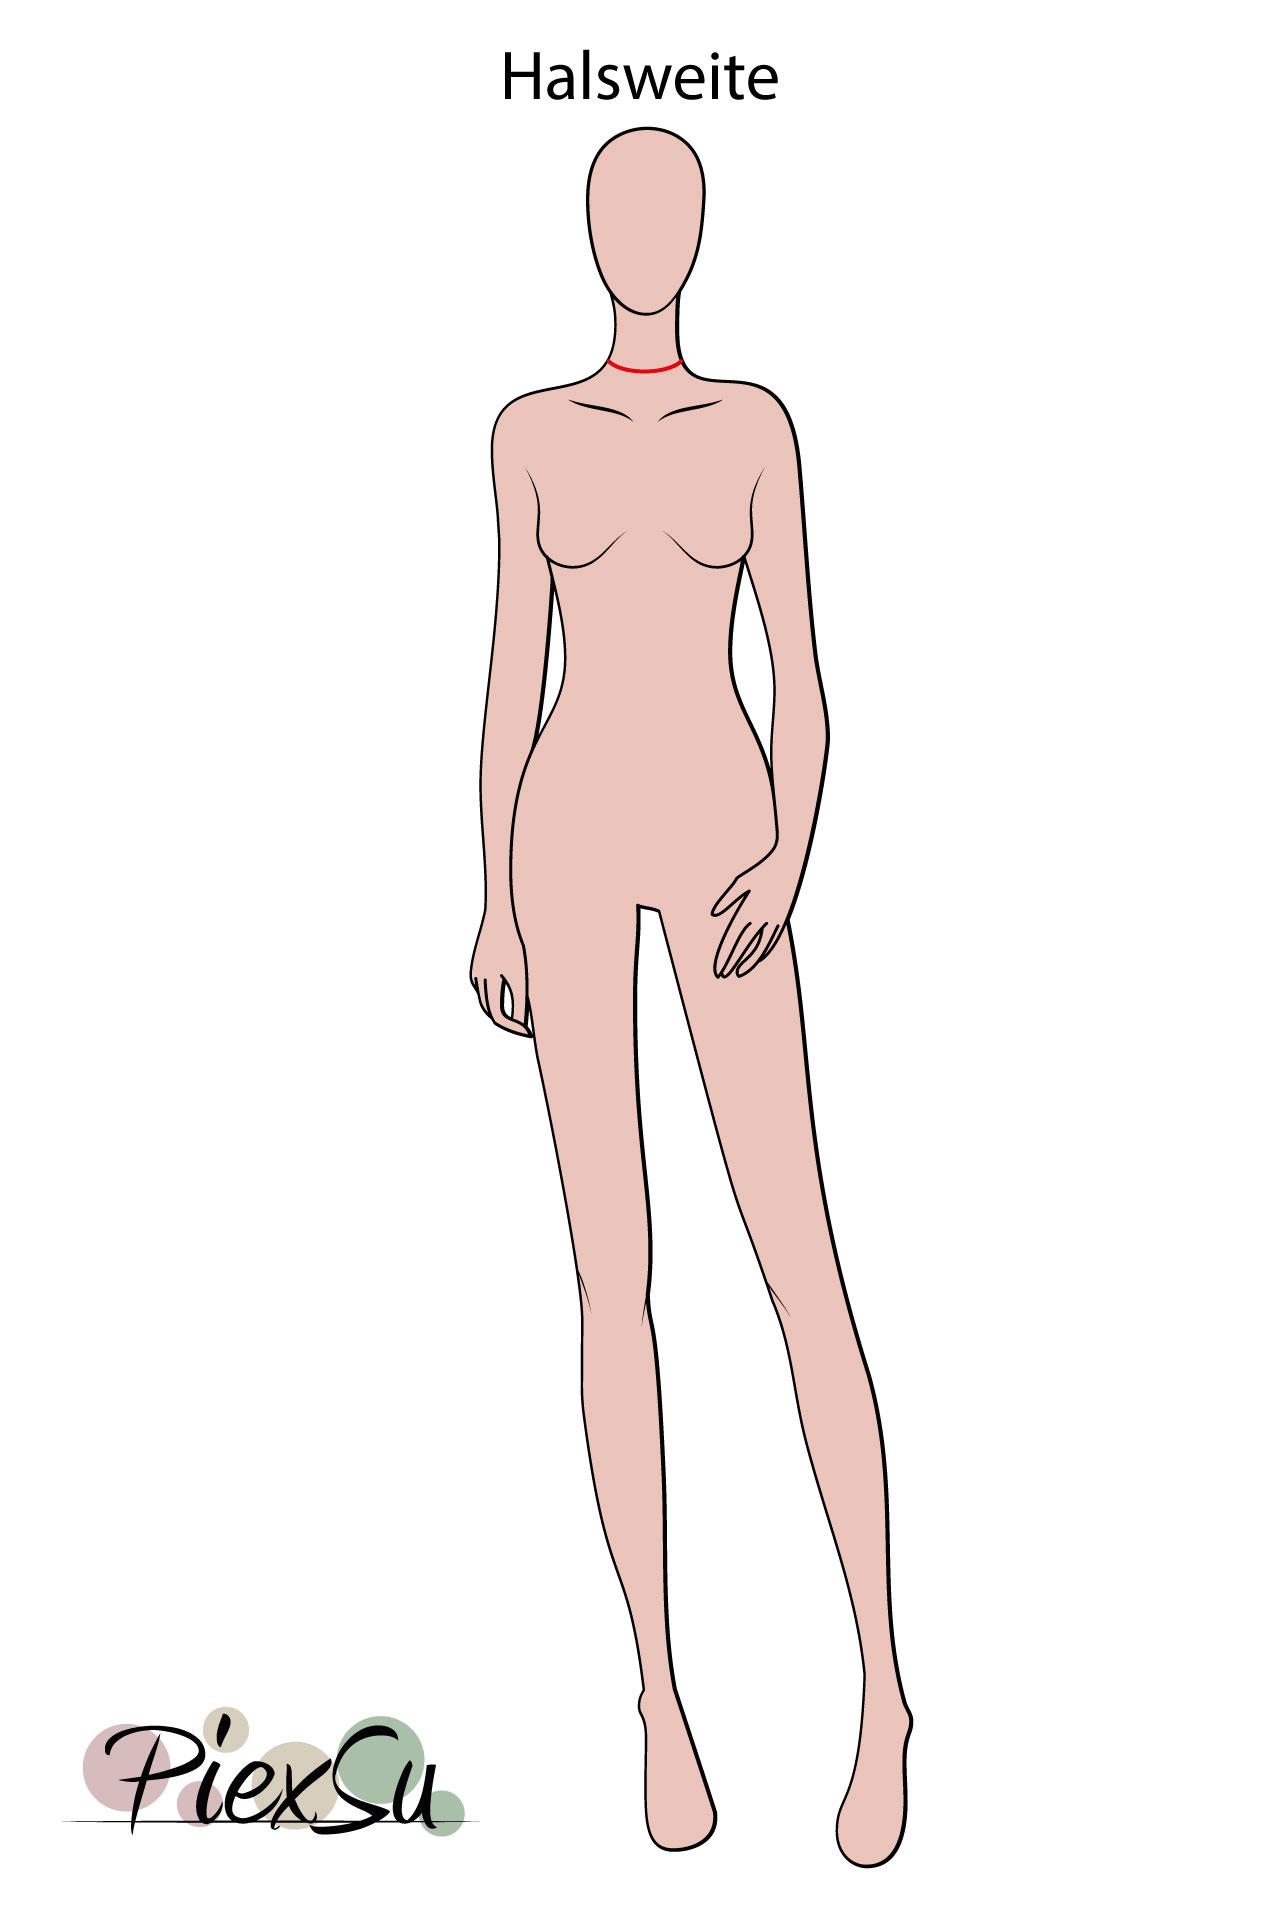 PiexSu-richtig-Maßnehmen-Maße-Schnittmuster-nähen-Schnittmuster-anpassen-messen-Maßband-Halsweite